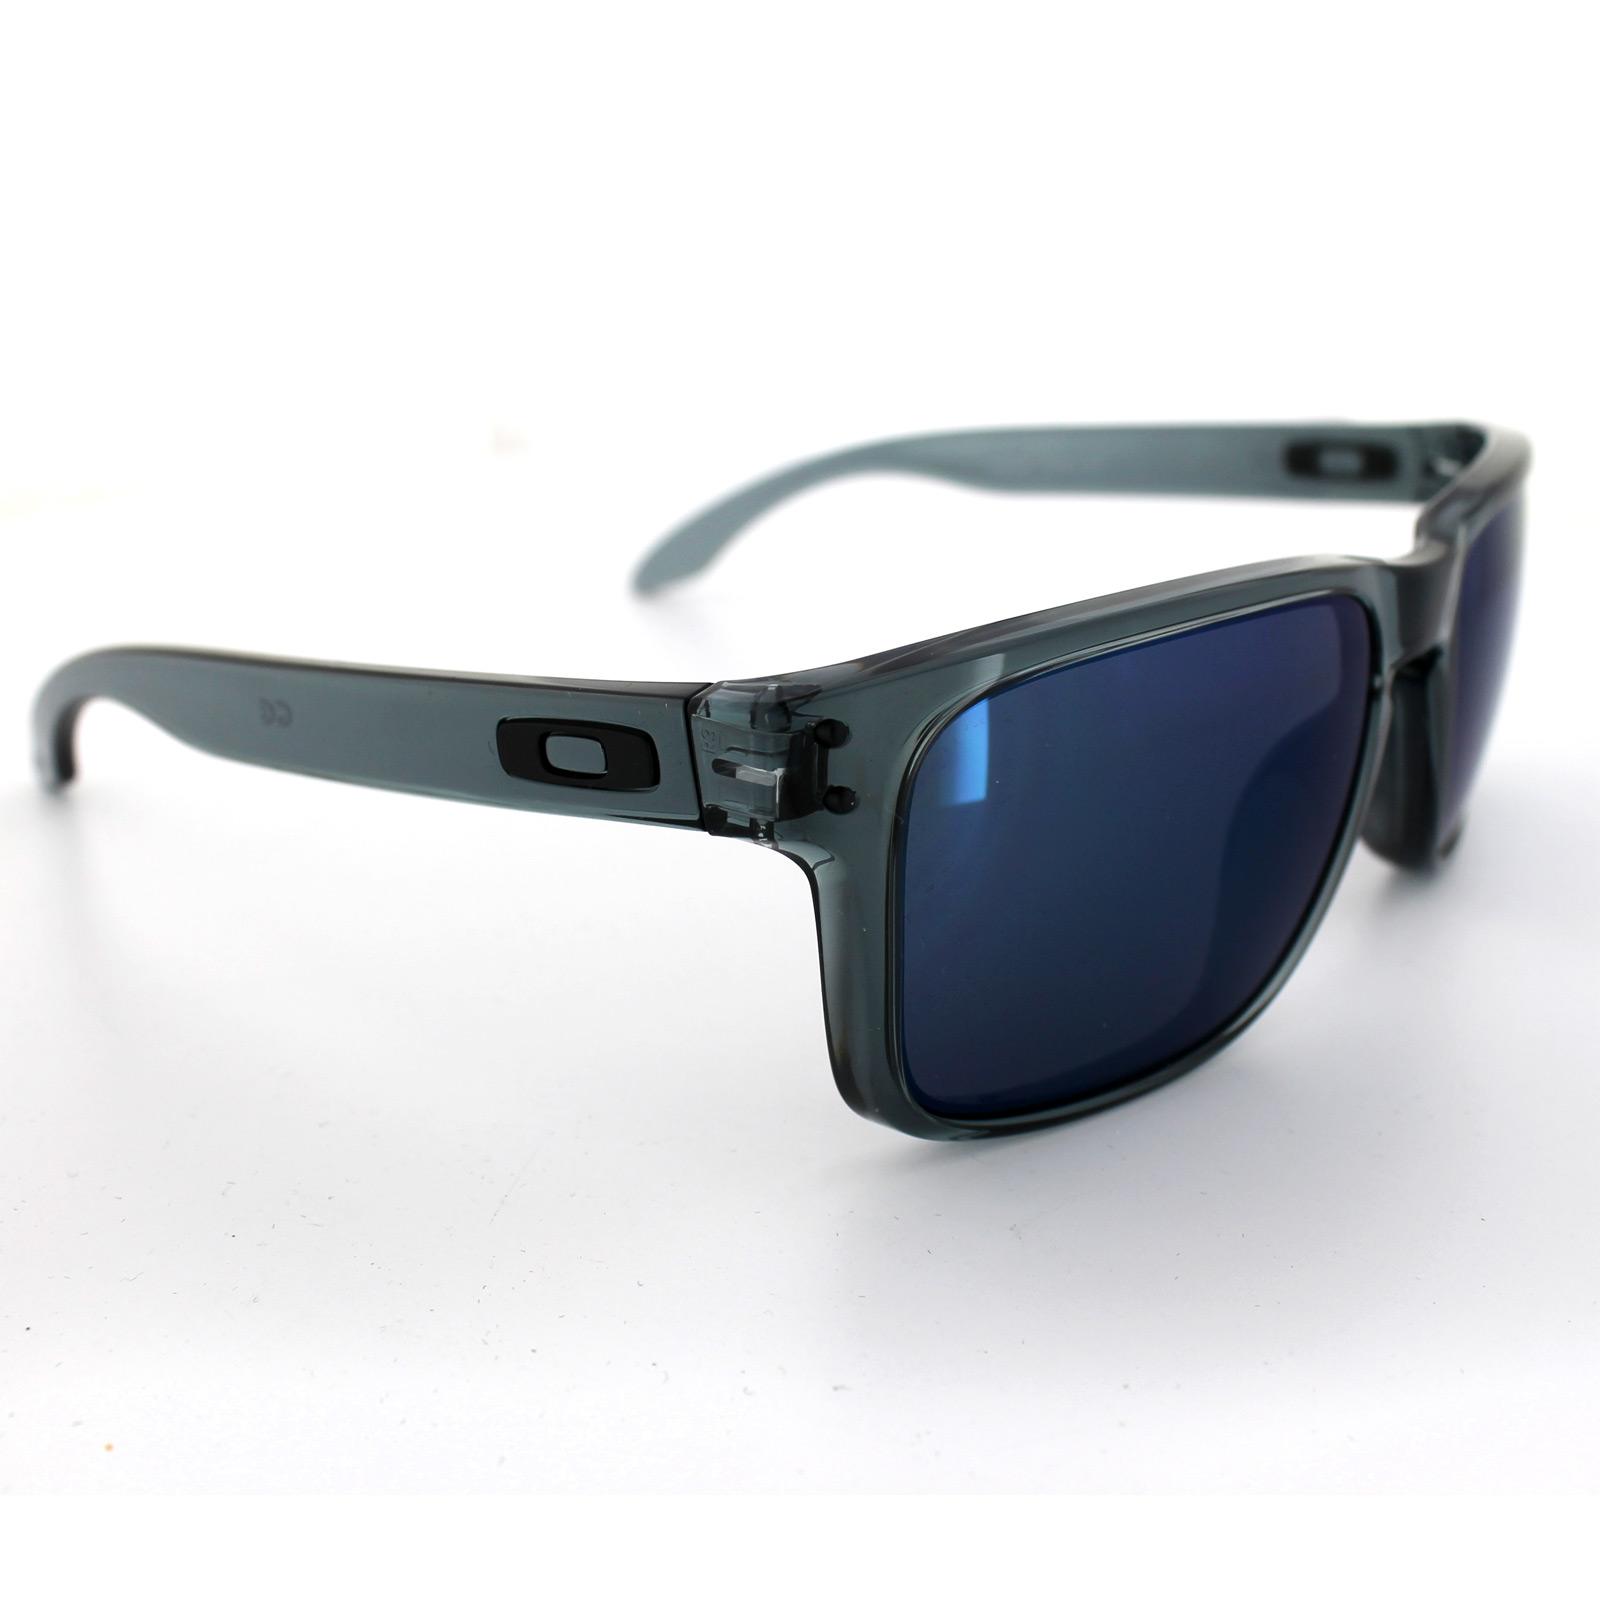 604b2ff818 Oakley Holbrook Crystal Black Ice Iridium « Heritage Malta. Oakley  Sunglasses ...